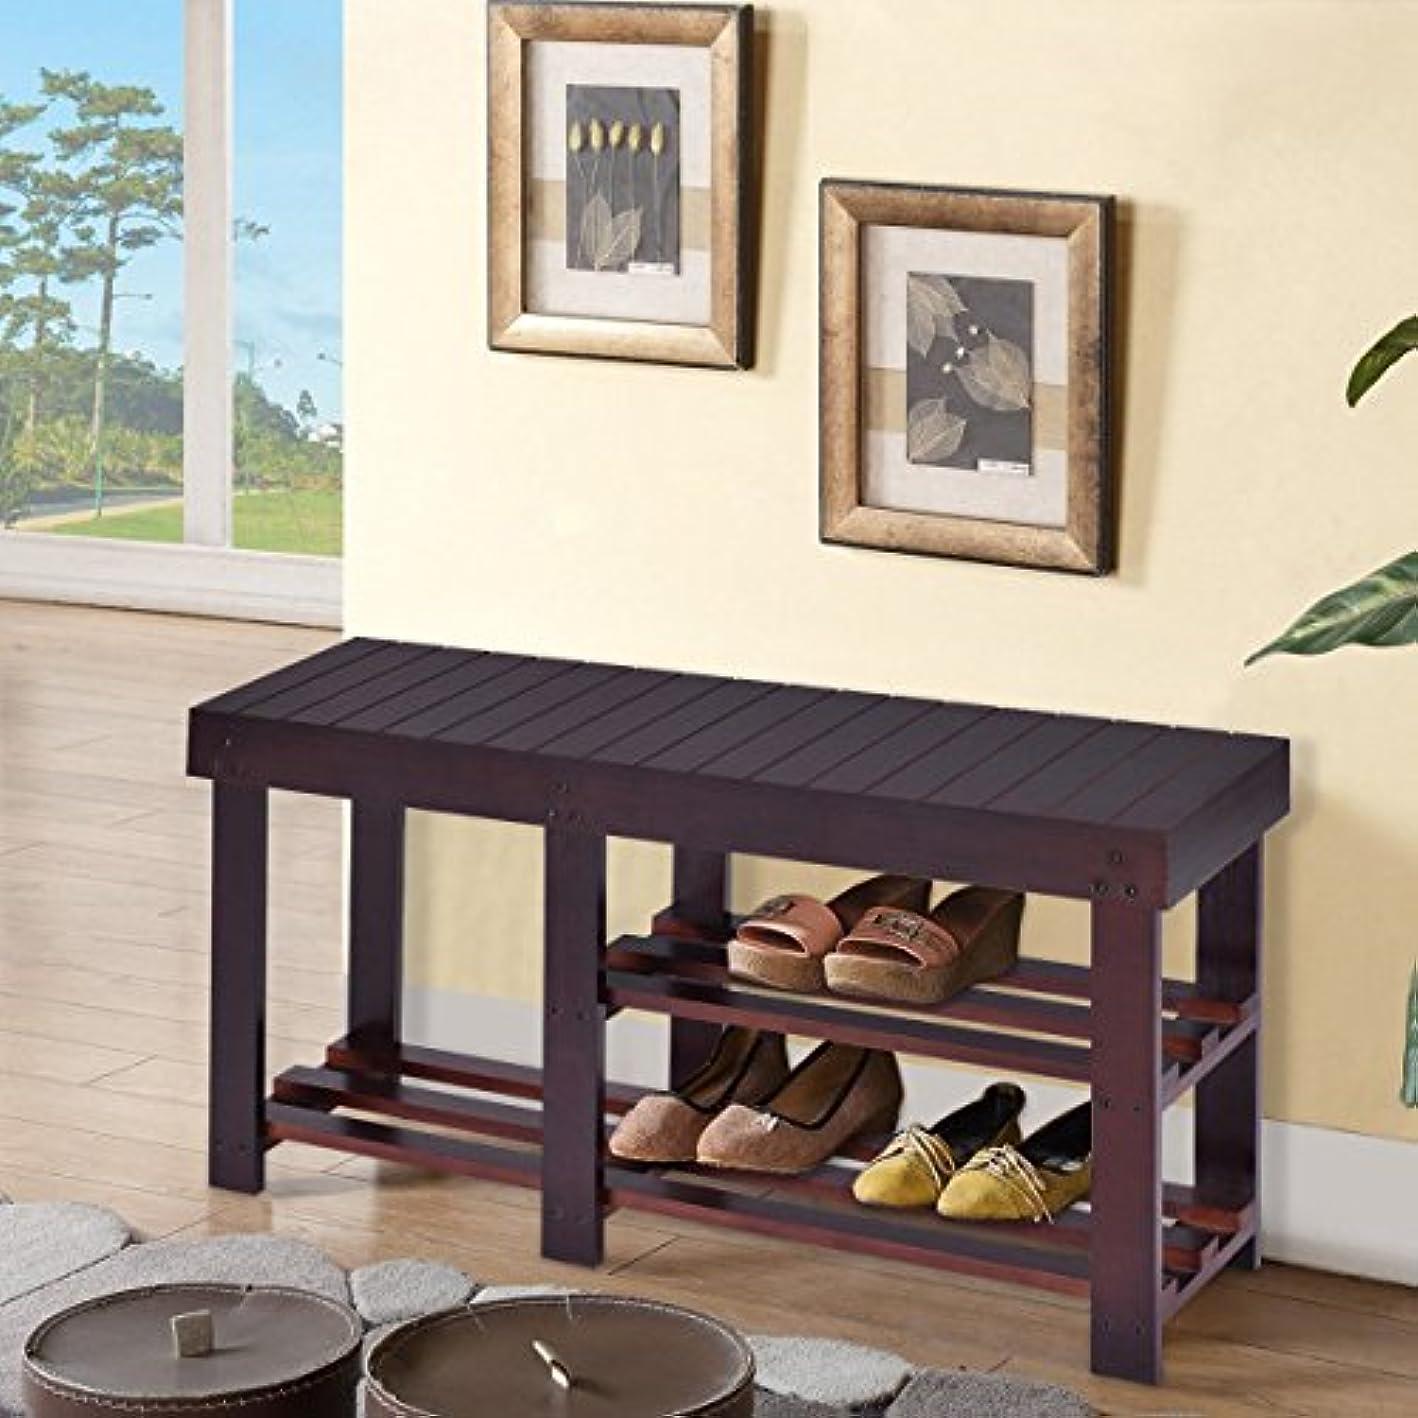 Wooden Shoe Bench Boot Storage Shelf Organizer Seat Entryway Hallway Espresso